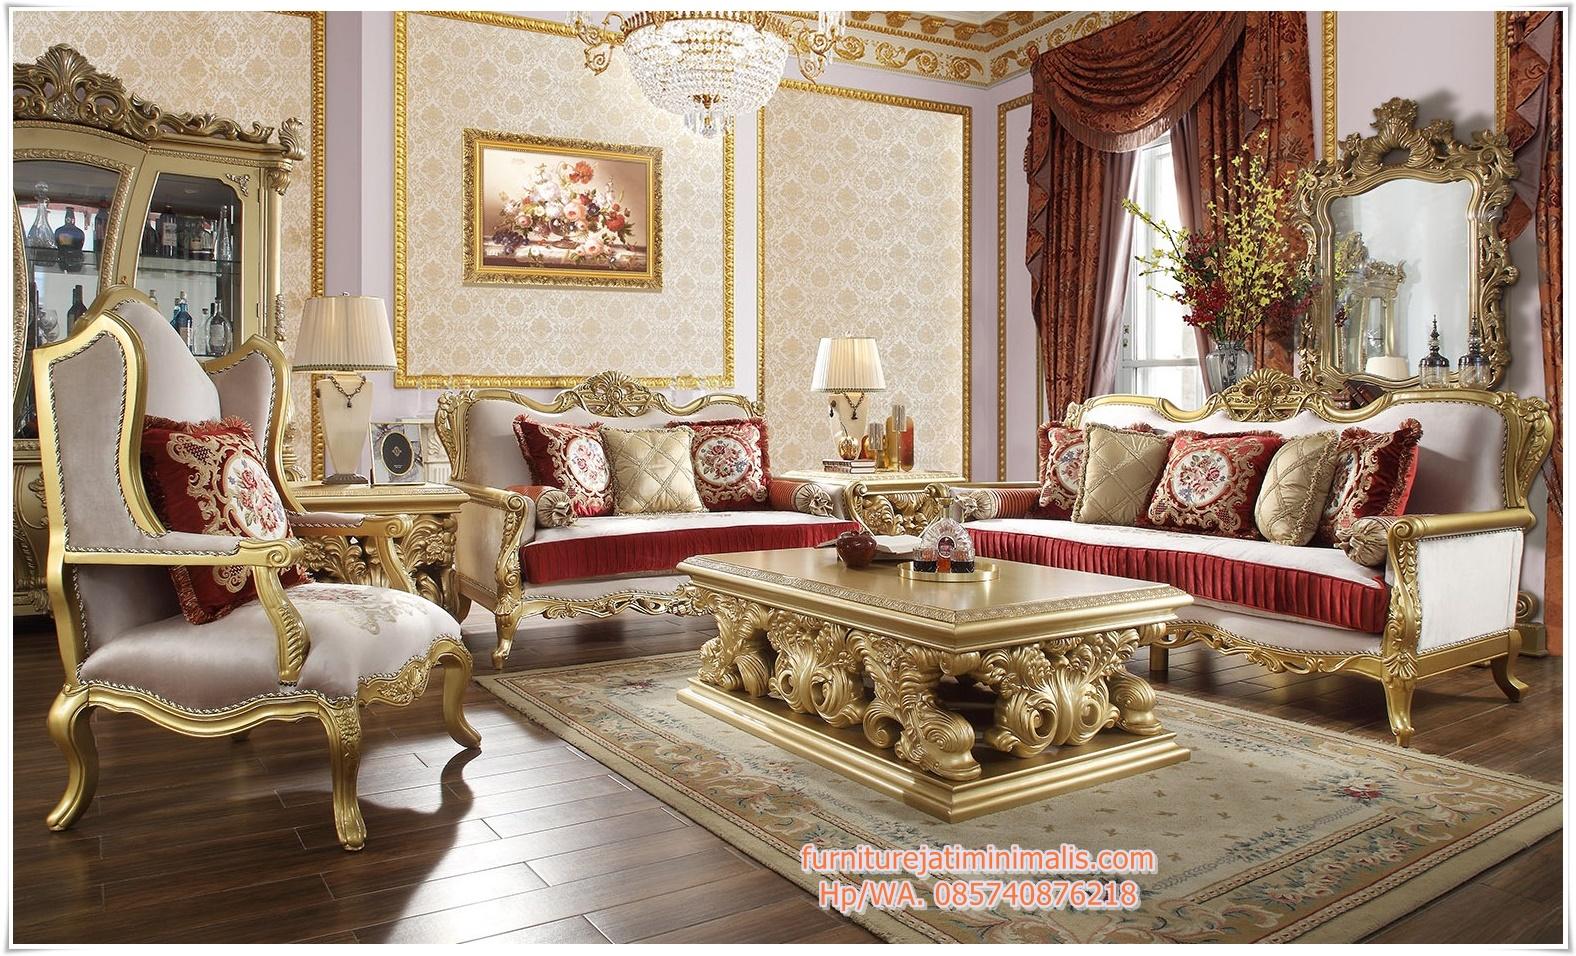 sofa tamu mewah kingdom, set sofa tamu mewah klasik, sofa tamu mewah terbaru, jual sofa tamu mewah, sofa tamu klasik mewah, harga sofa tamu mewah, kursi sofa tamu mewah, sofa ruang tamu mewah modern, sofa tamu, sofa mewah